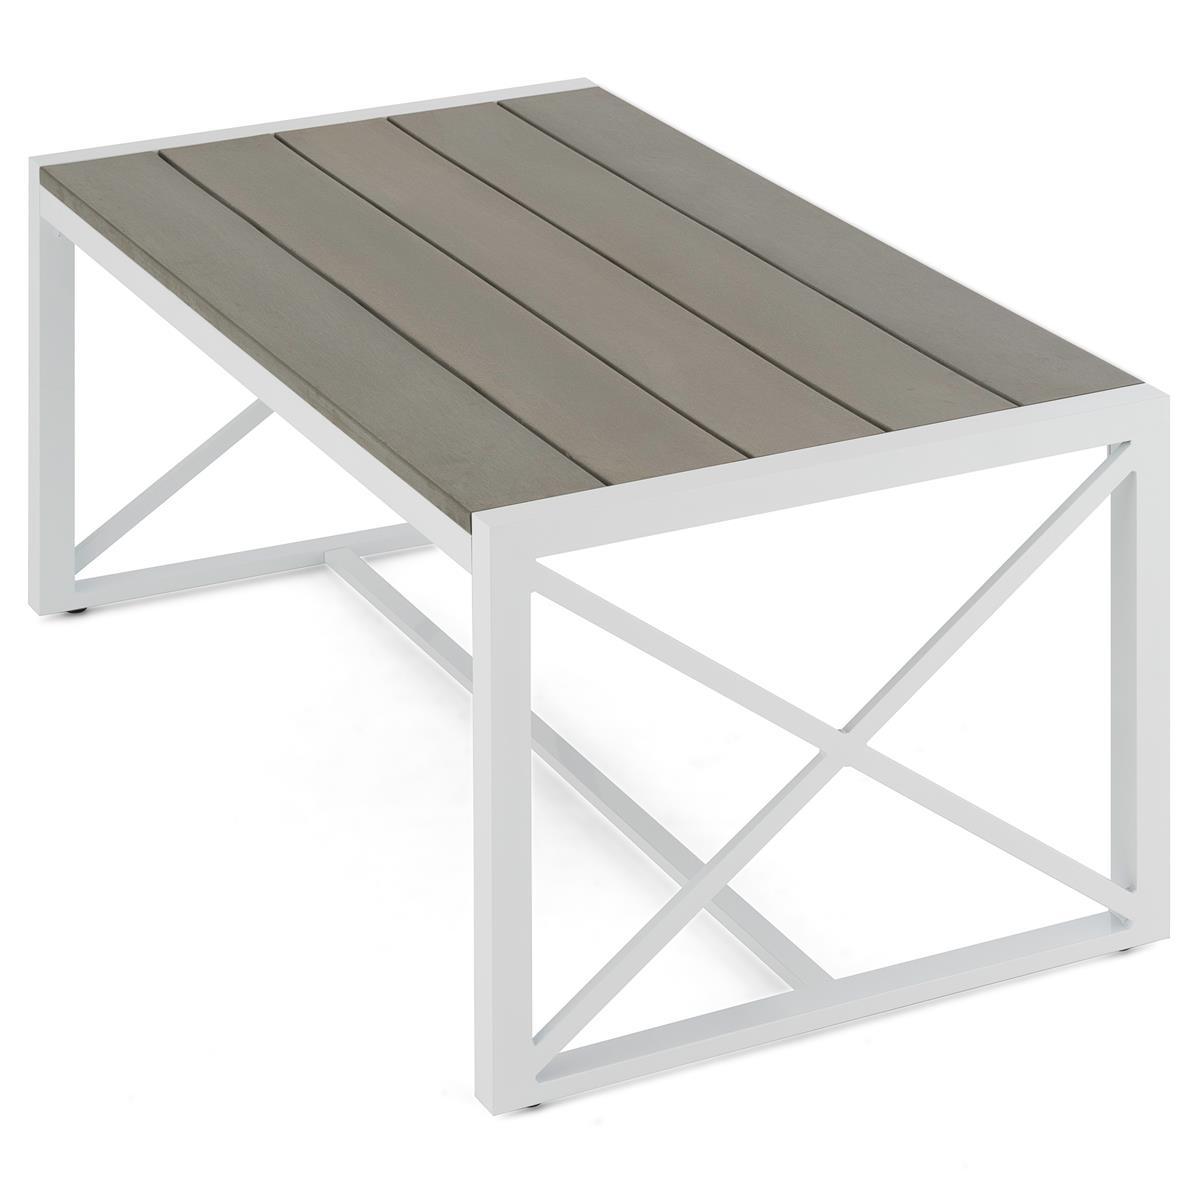 Gartentisch Aluminium Polywood 160x92x73 cm Terrassentisch Gartenmöbel Holzoptik